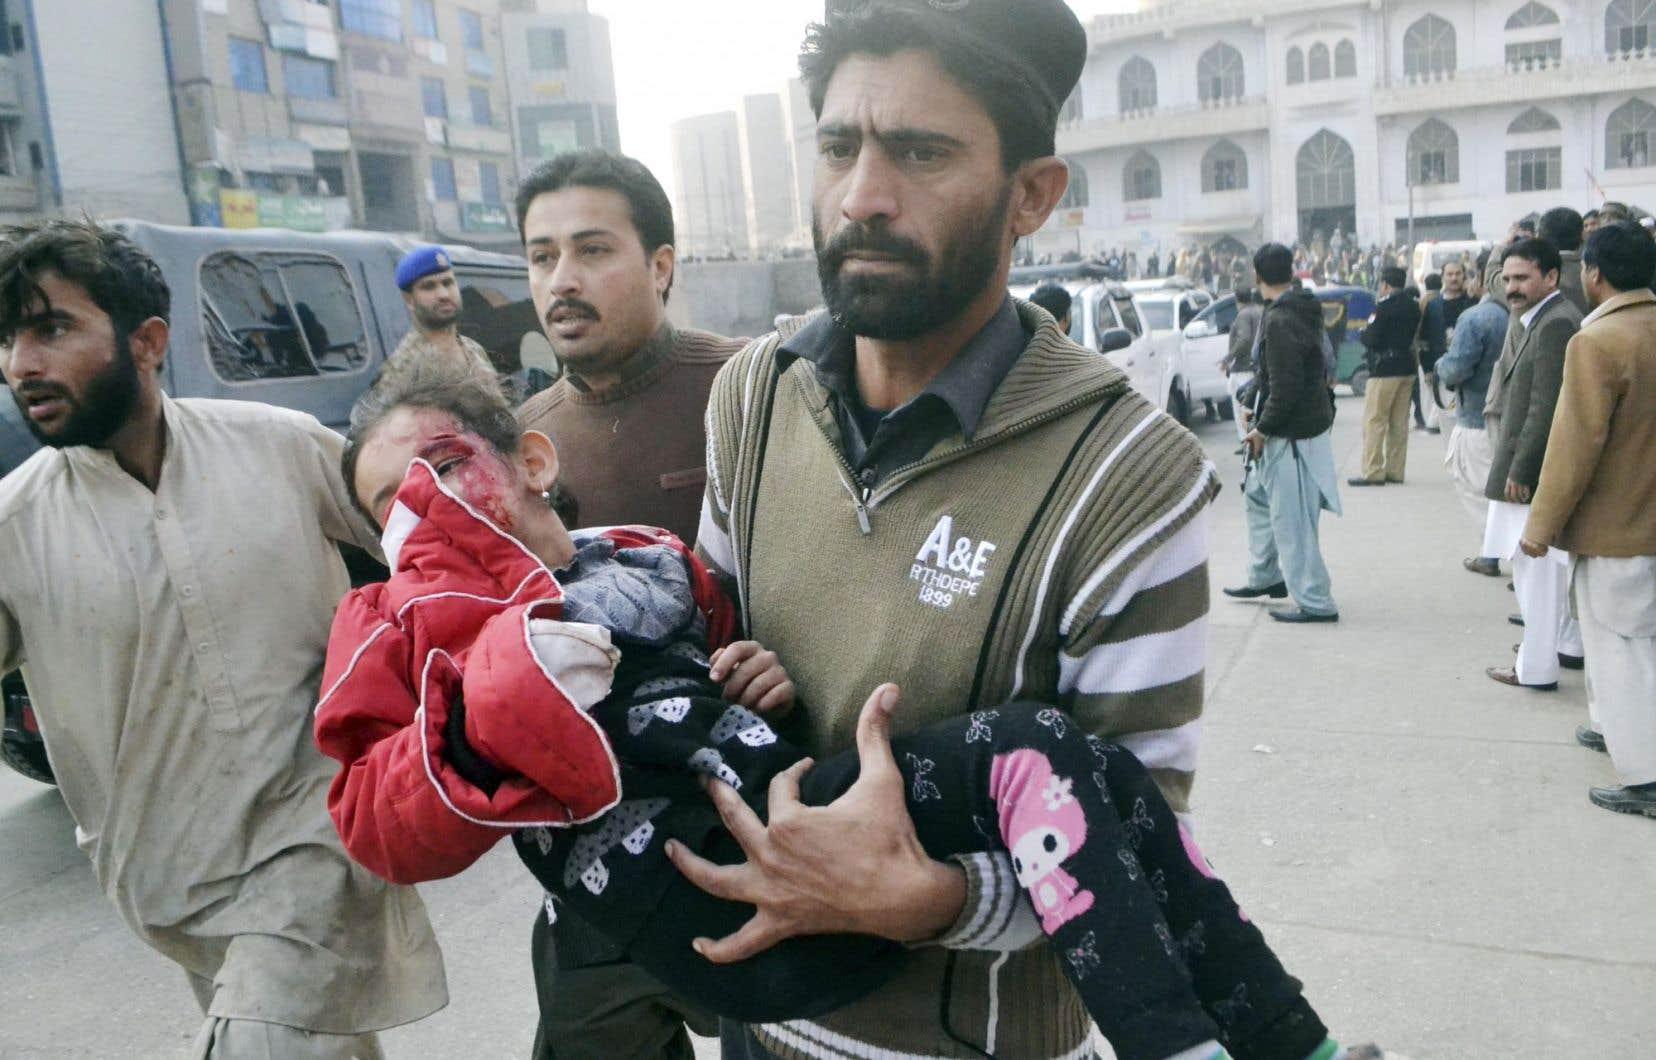 Une fillette blessée est transportée vers un hôpital de Peshawar, au Pakistan, après le massacre perpétré mardi par des talibans dans une école.